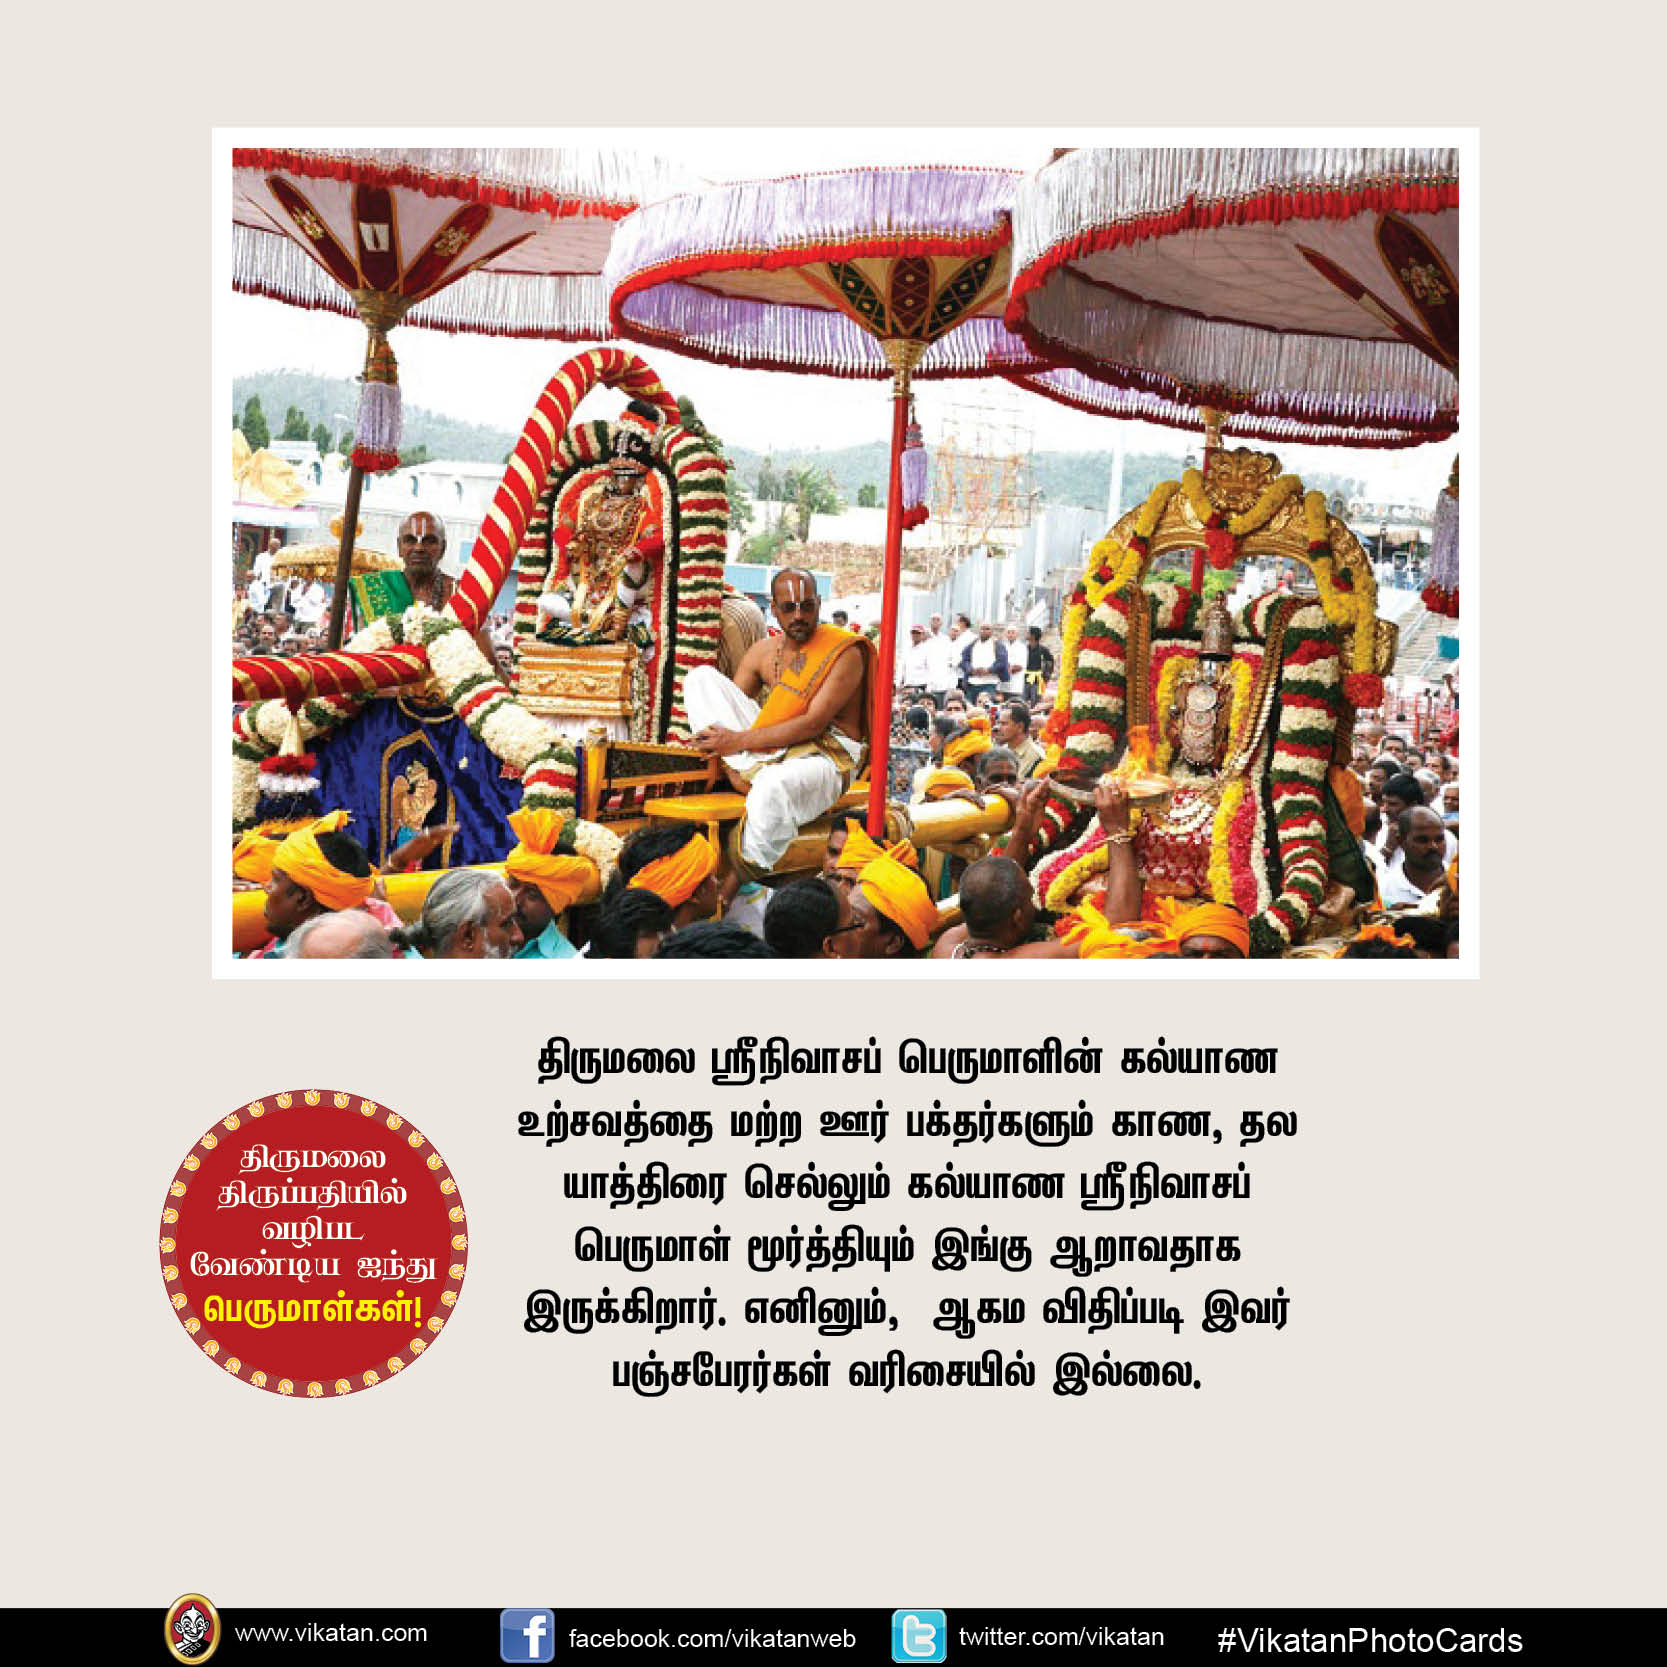 திருமலை திருப்பதியில் வழிபடவேண்டிய ஐந்து பெருமாள்கள்! #VikatanPhotoCards